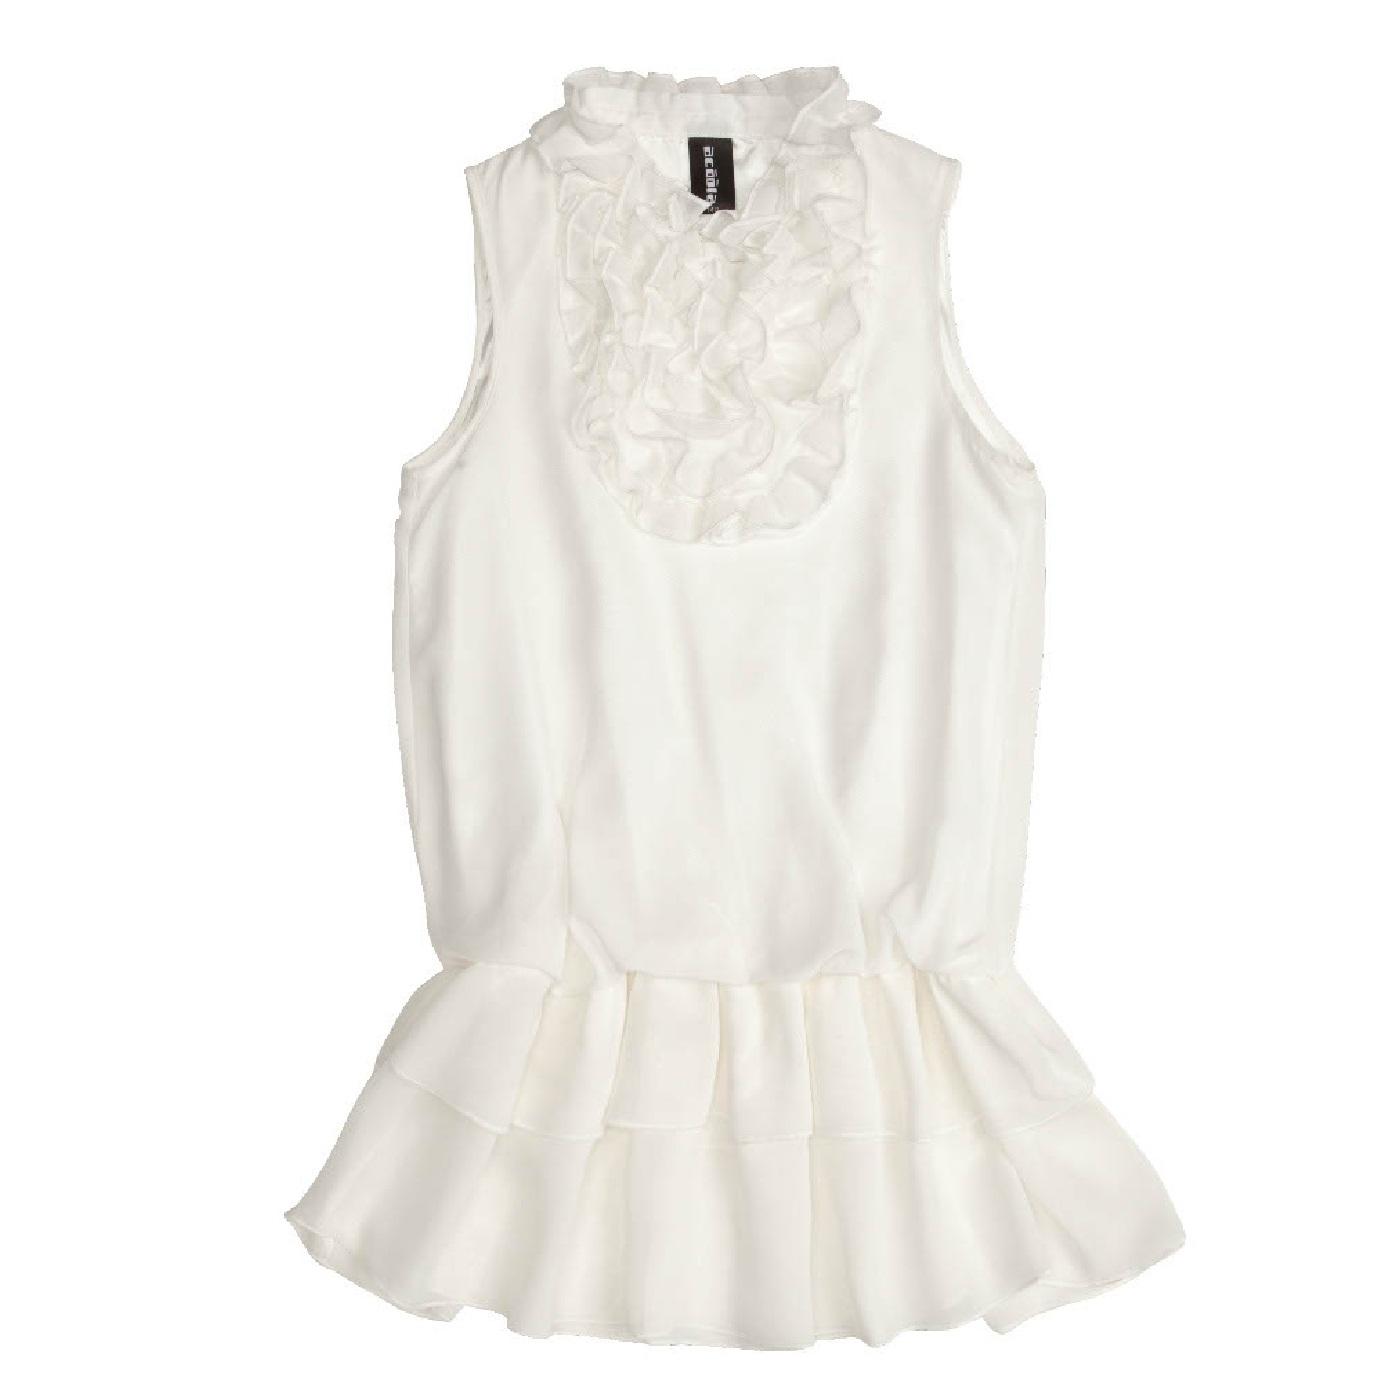 Белая Блузка Для Девочки Купить